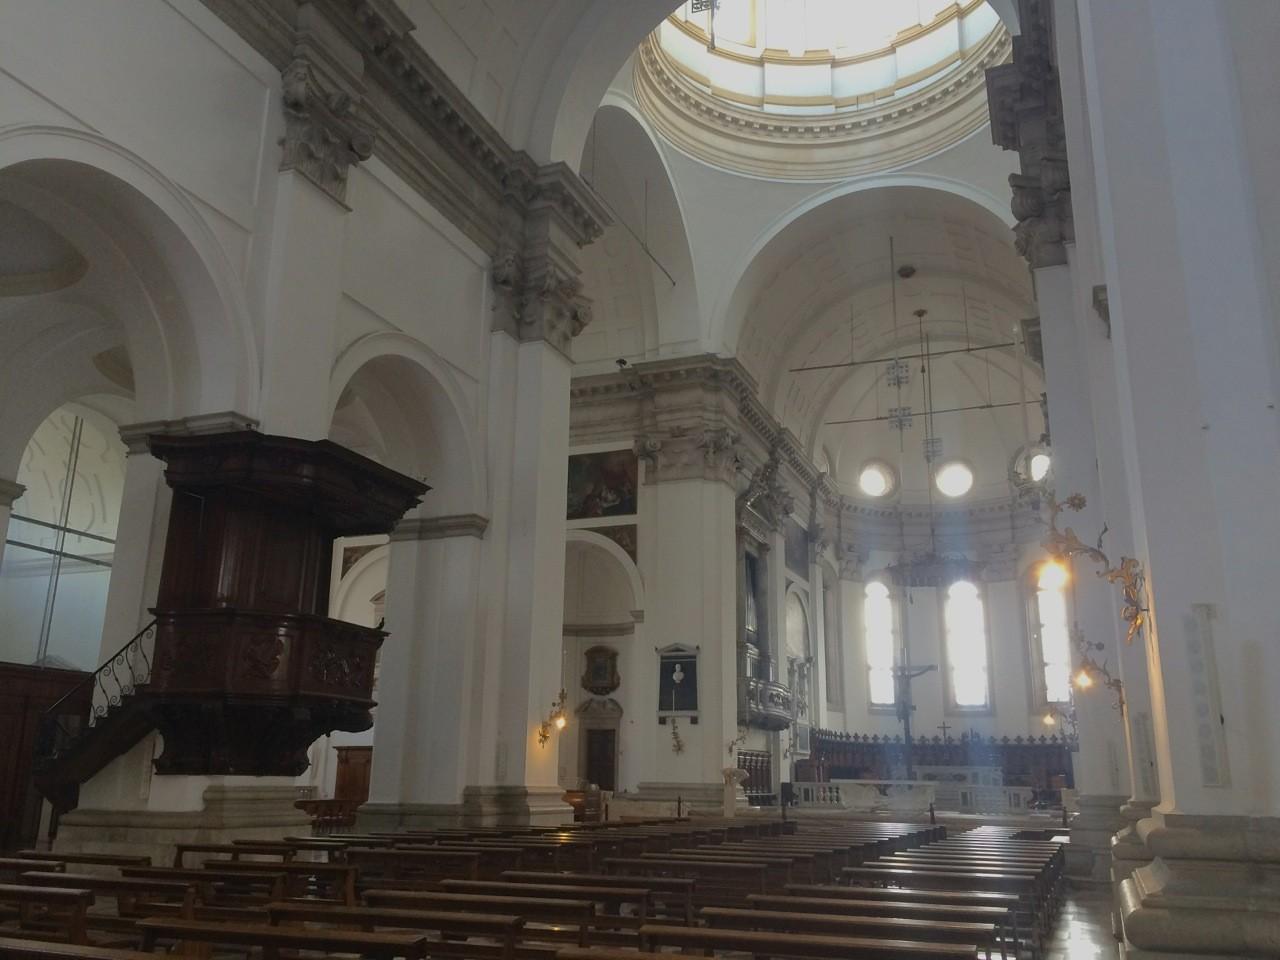 Chiese Romantiche Padova Duomo Di Padova Interni